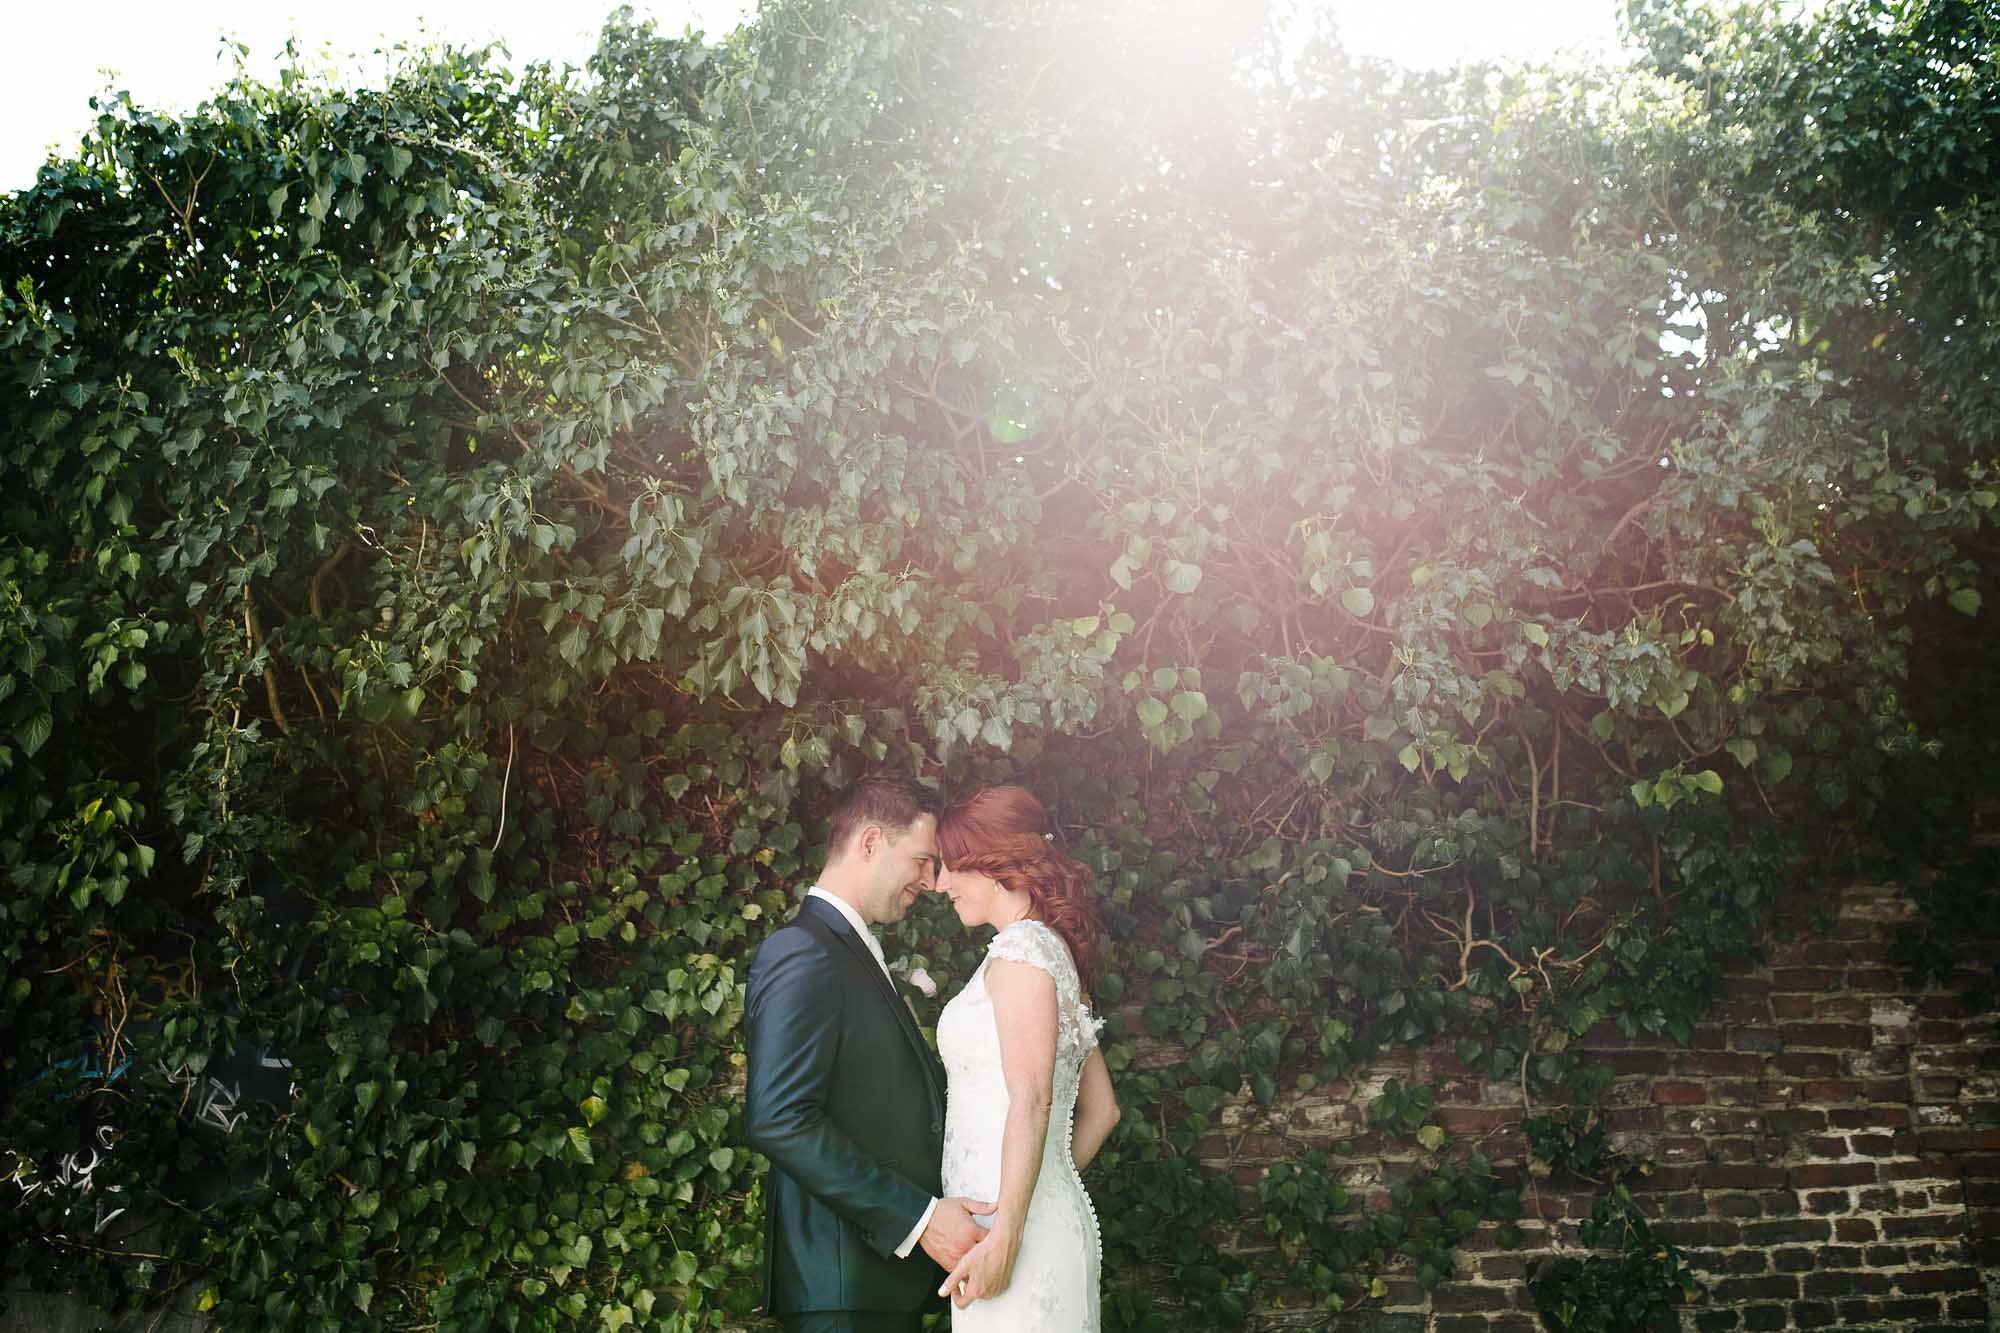 Bruidsfotograaf-Sittard-journalistieke-bruidsfotografie-063.jpg